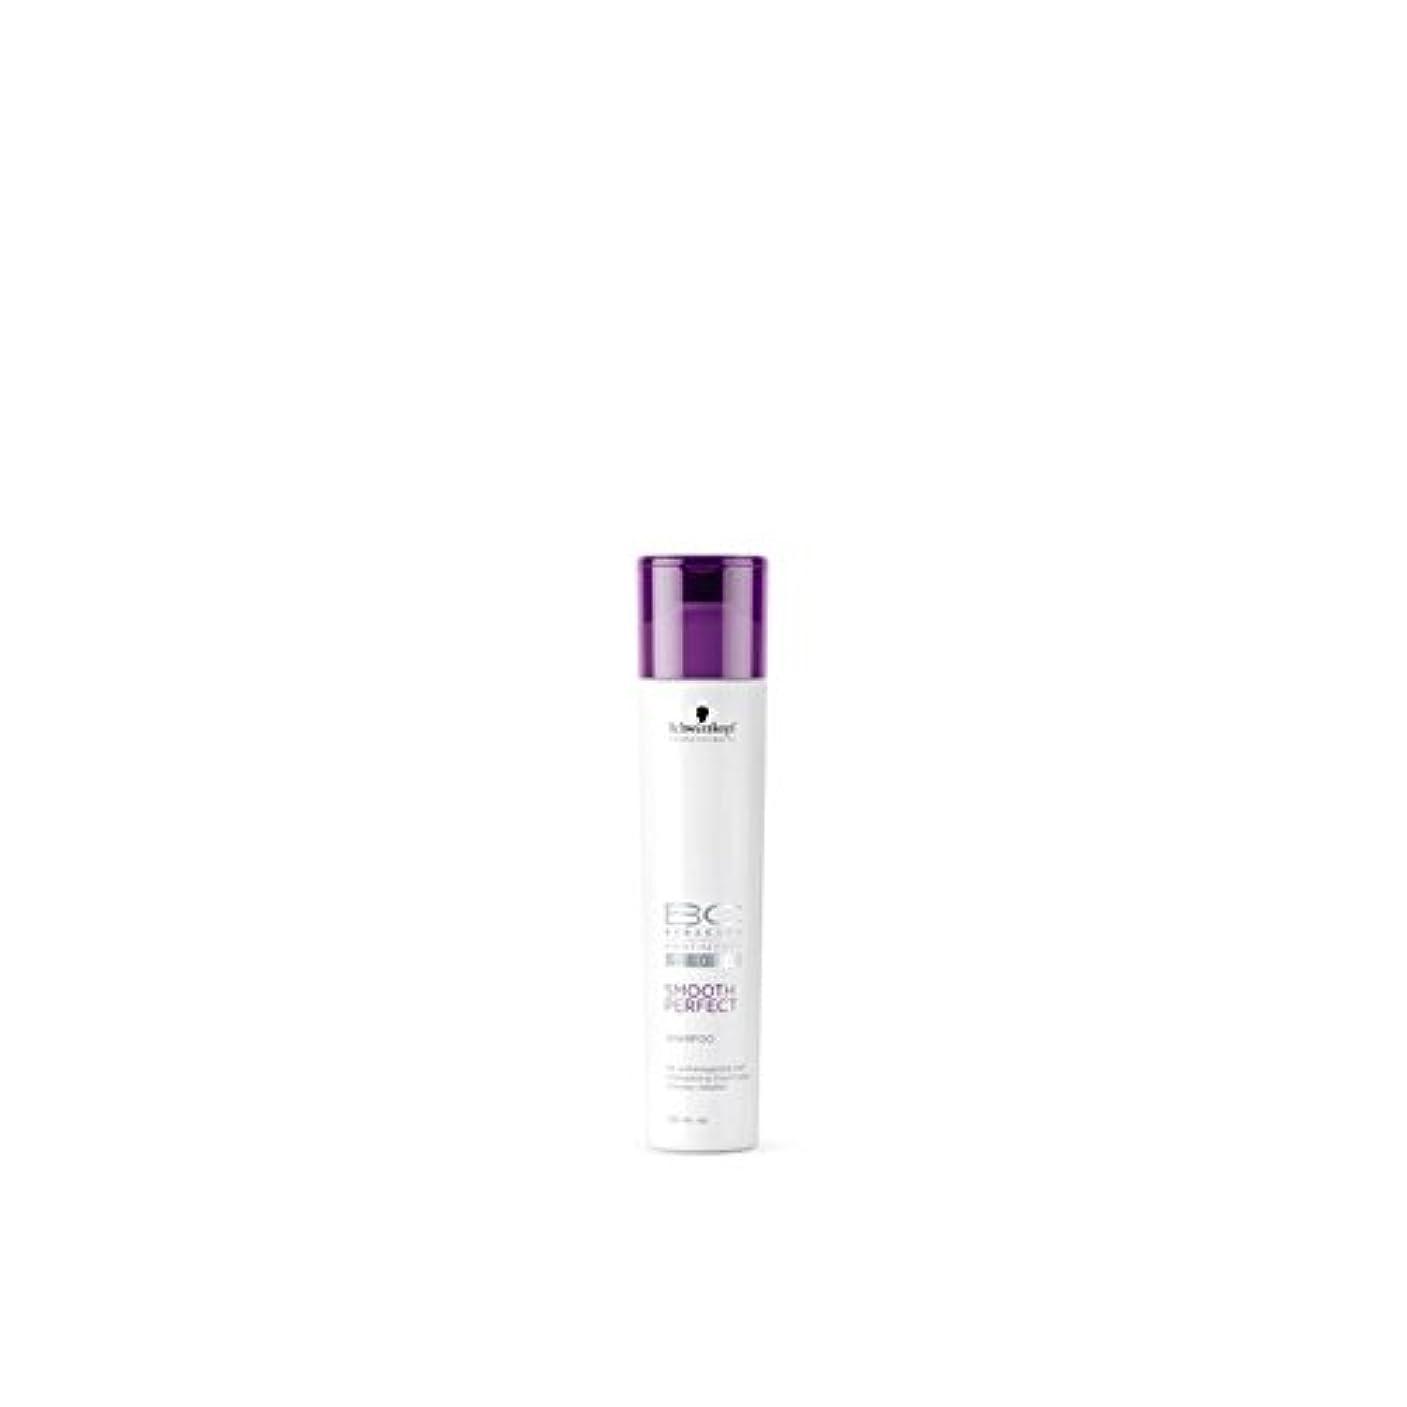 発生チャート師匠Schwarzkopf Bc Smooth Perfect Shampoo (250ml) - なめらかな完璧なシャンプー(250ミリリットル)シュワルツコフ [並行輸入品]